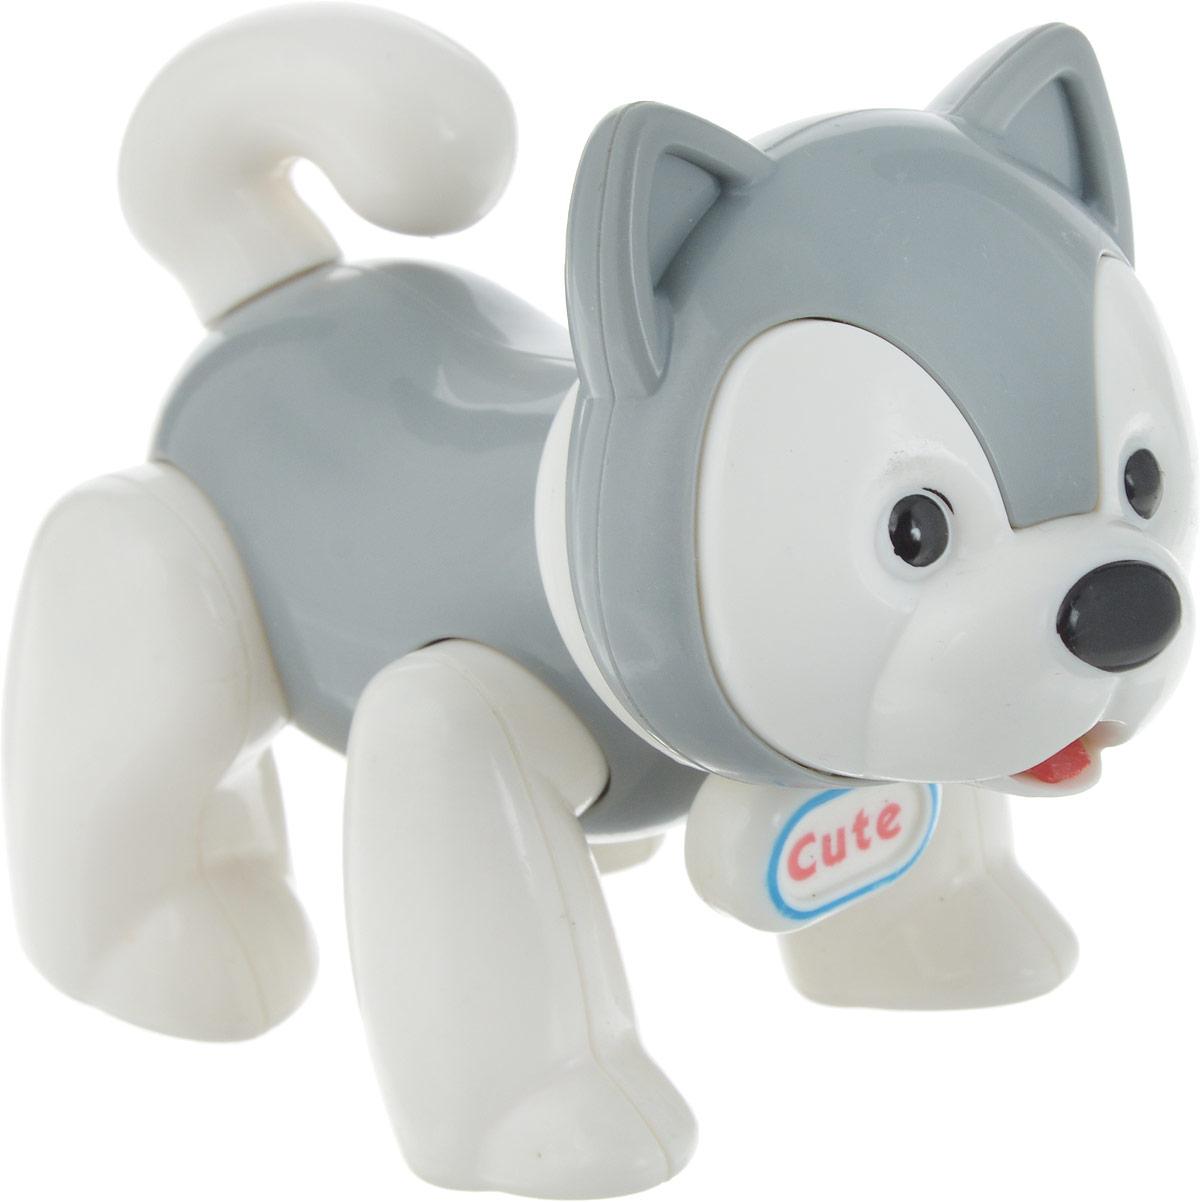 Ути-Пути Развивающая игрушка Собачка цвет серый